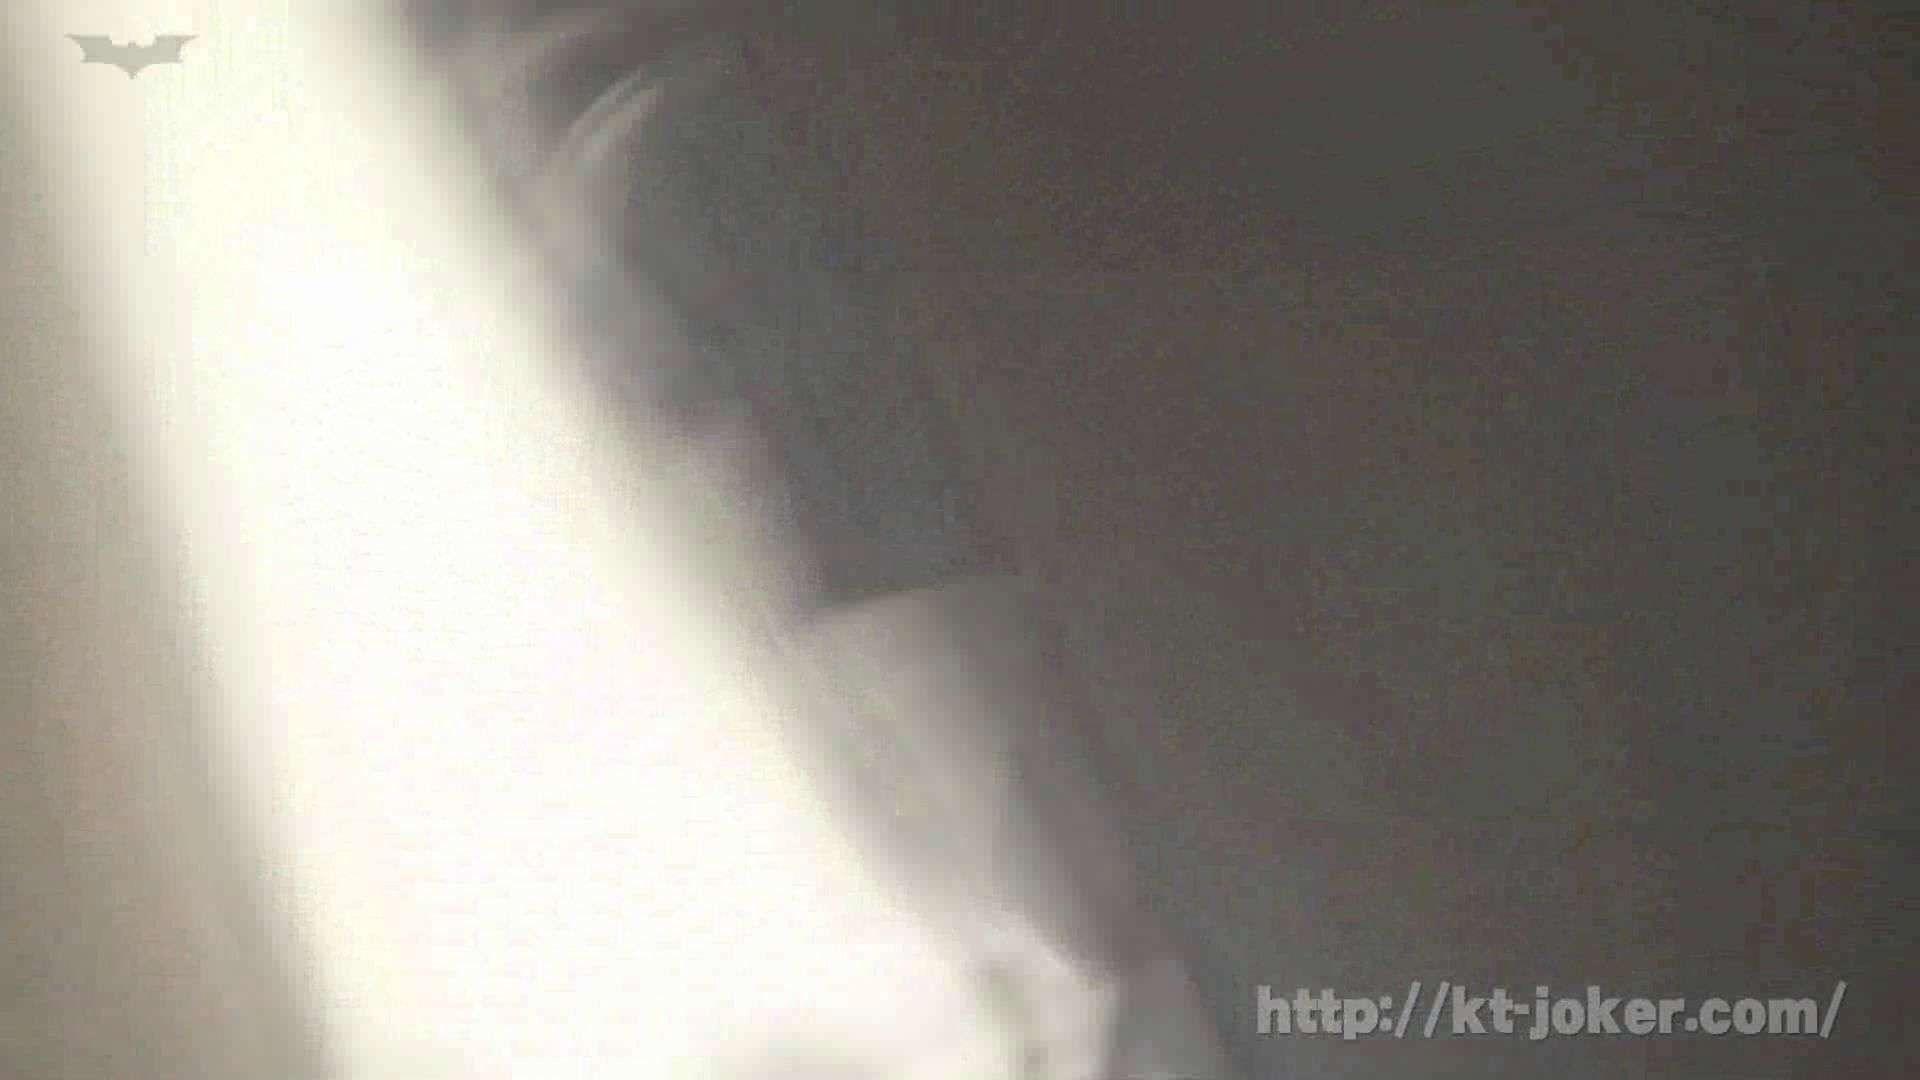 命がけ潜伏洗面所! vol.72 貴重すぎ、二子登場!! 洗面所 | プライベート  79pic 76